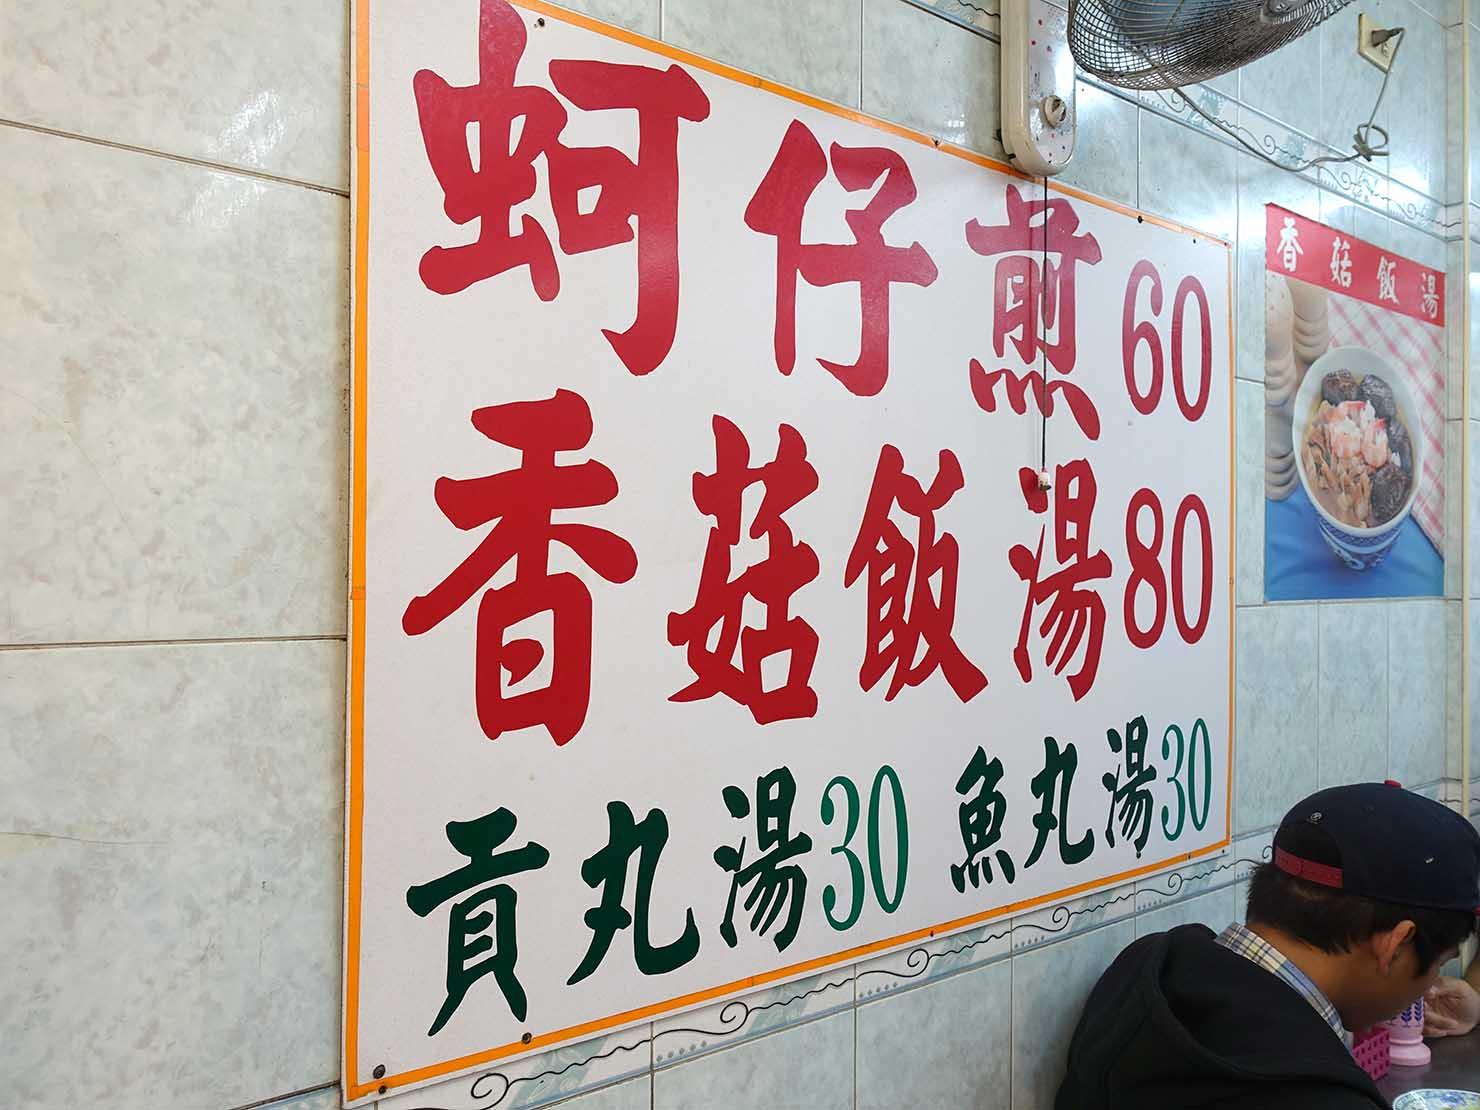 台南・永樂市場(國華街)のおすすめ台湾グルメ店「石精臼蚵仔煎」のメニュー